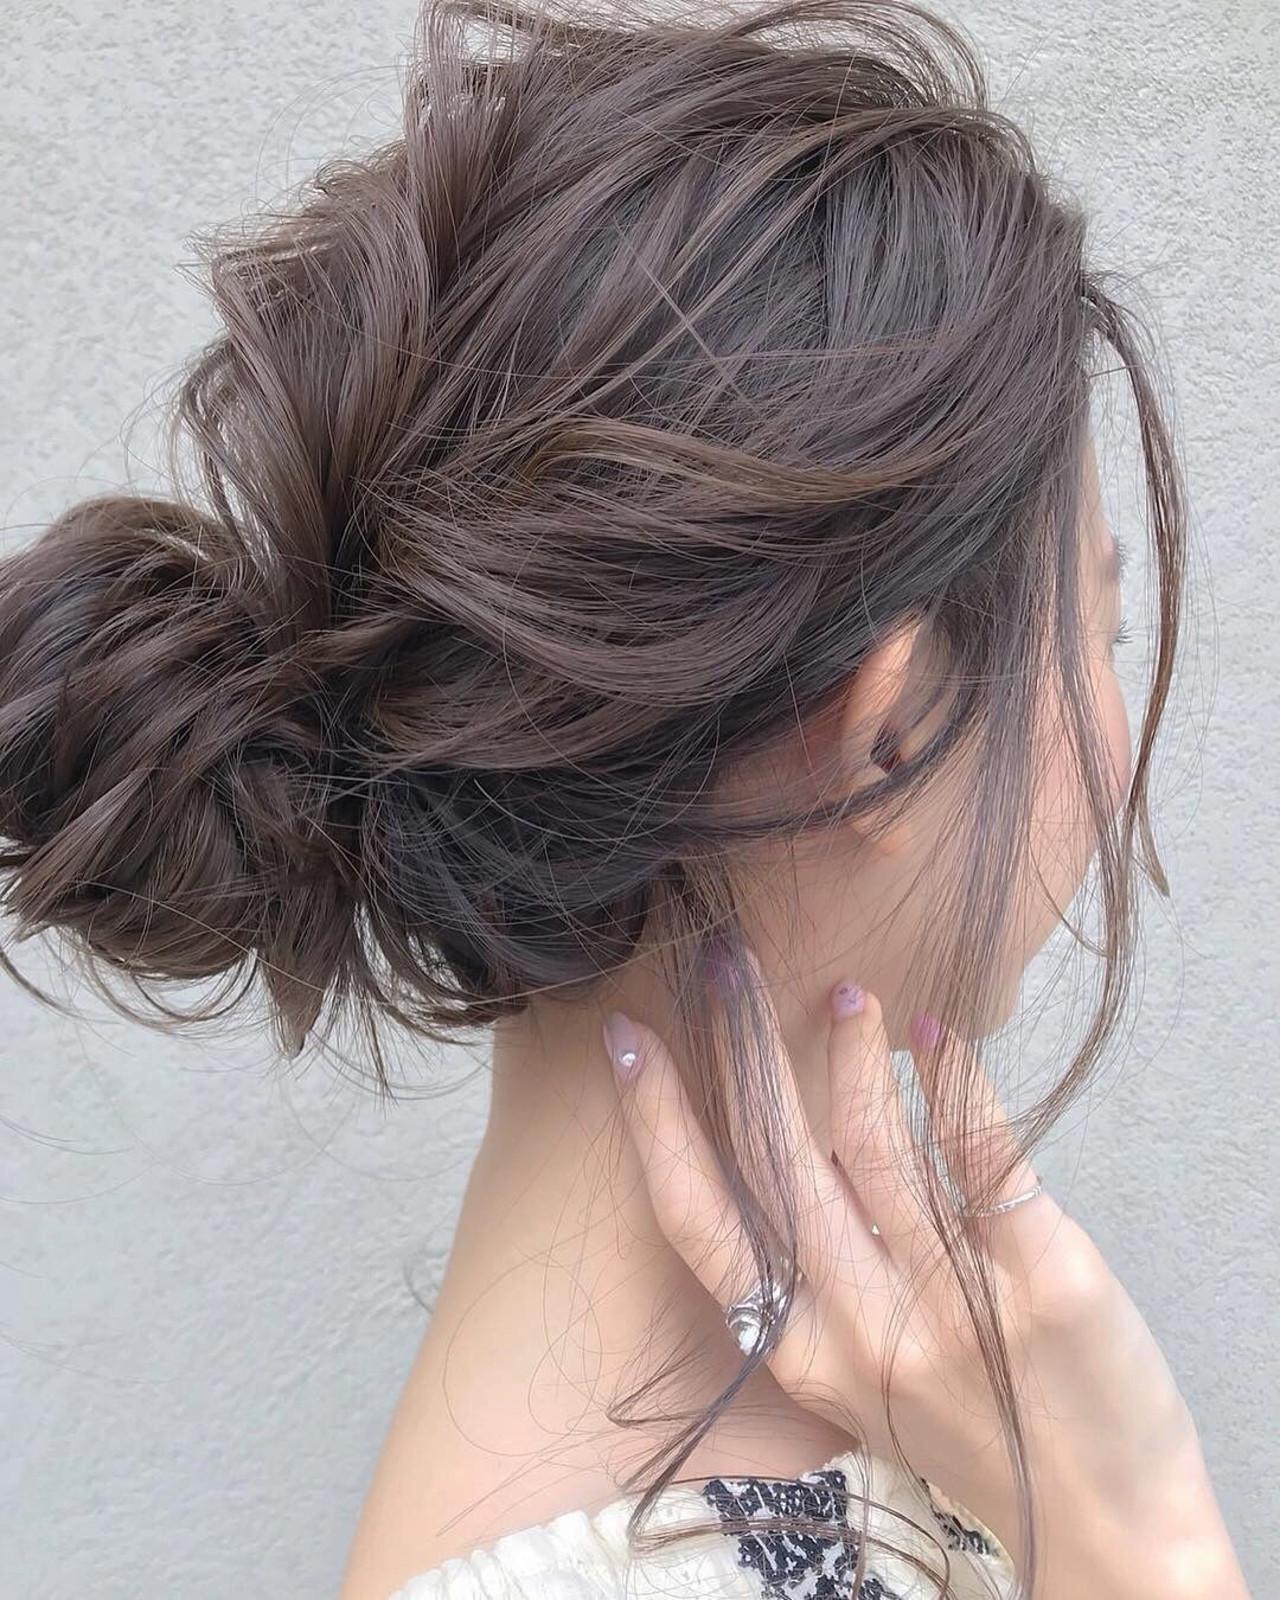 セミロング 結婚式 ヘアアレンジ ナチュラルヘアスタイルや髪型の写真・画像